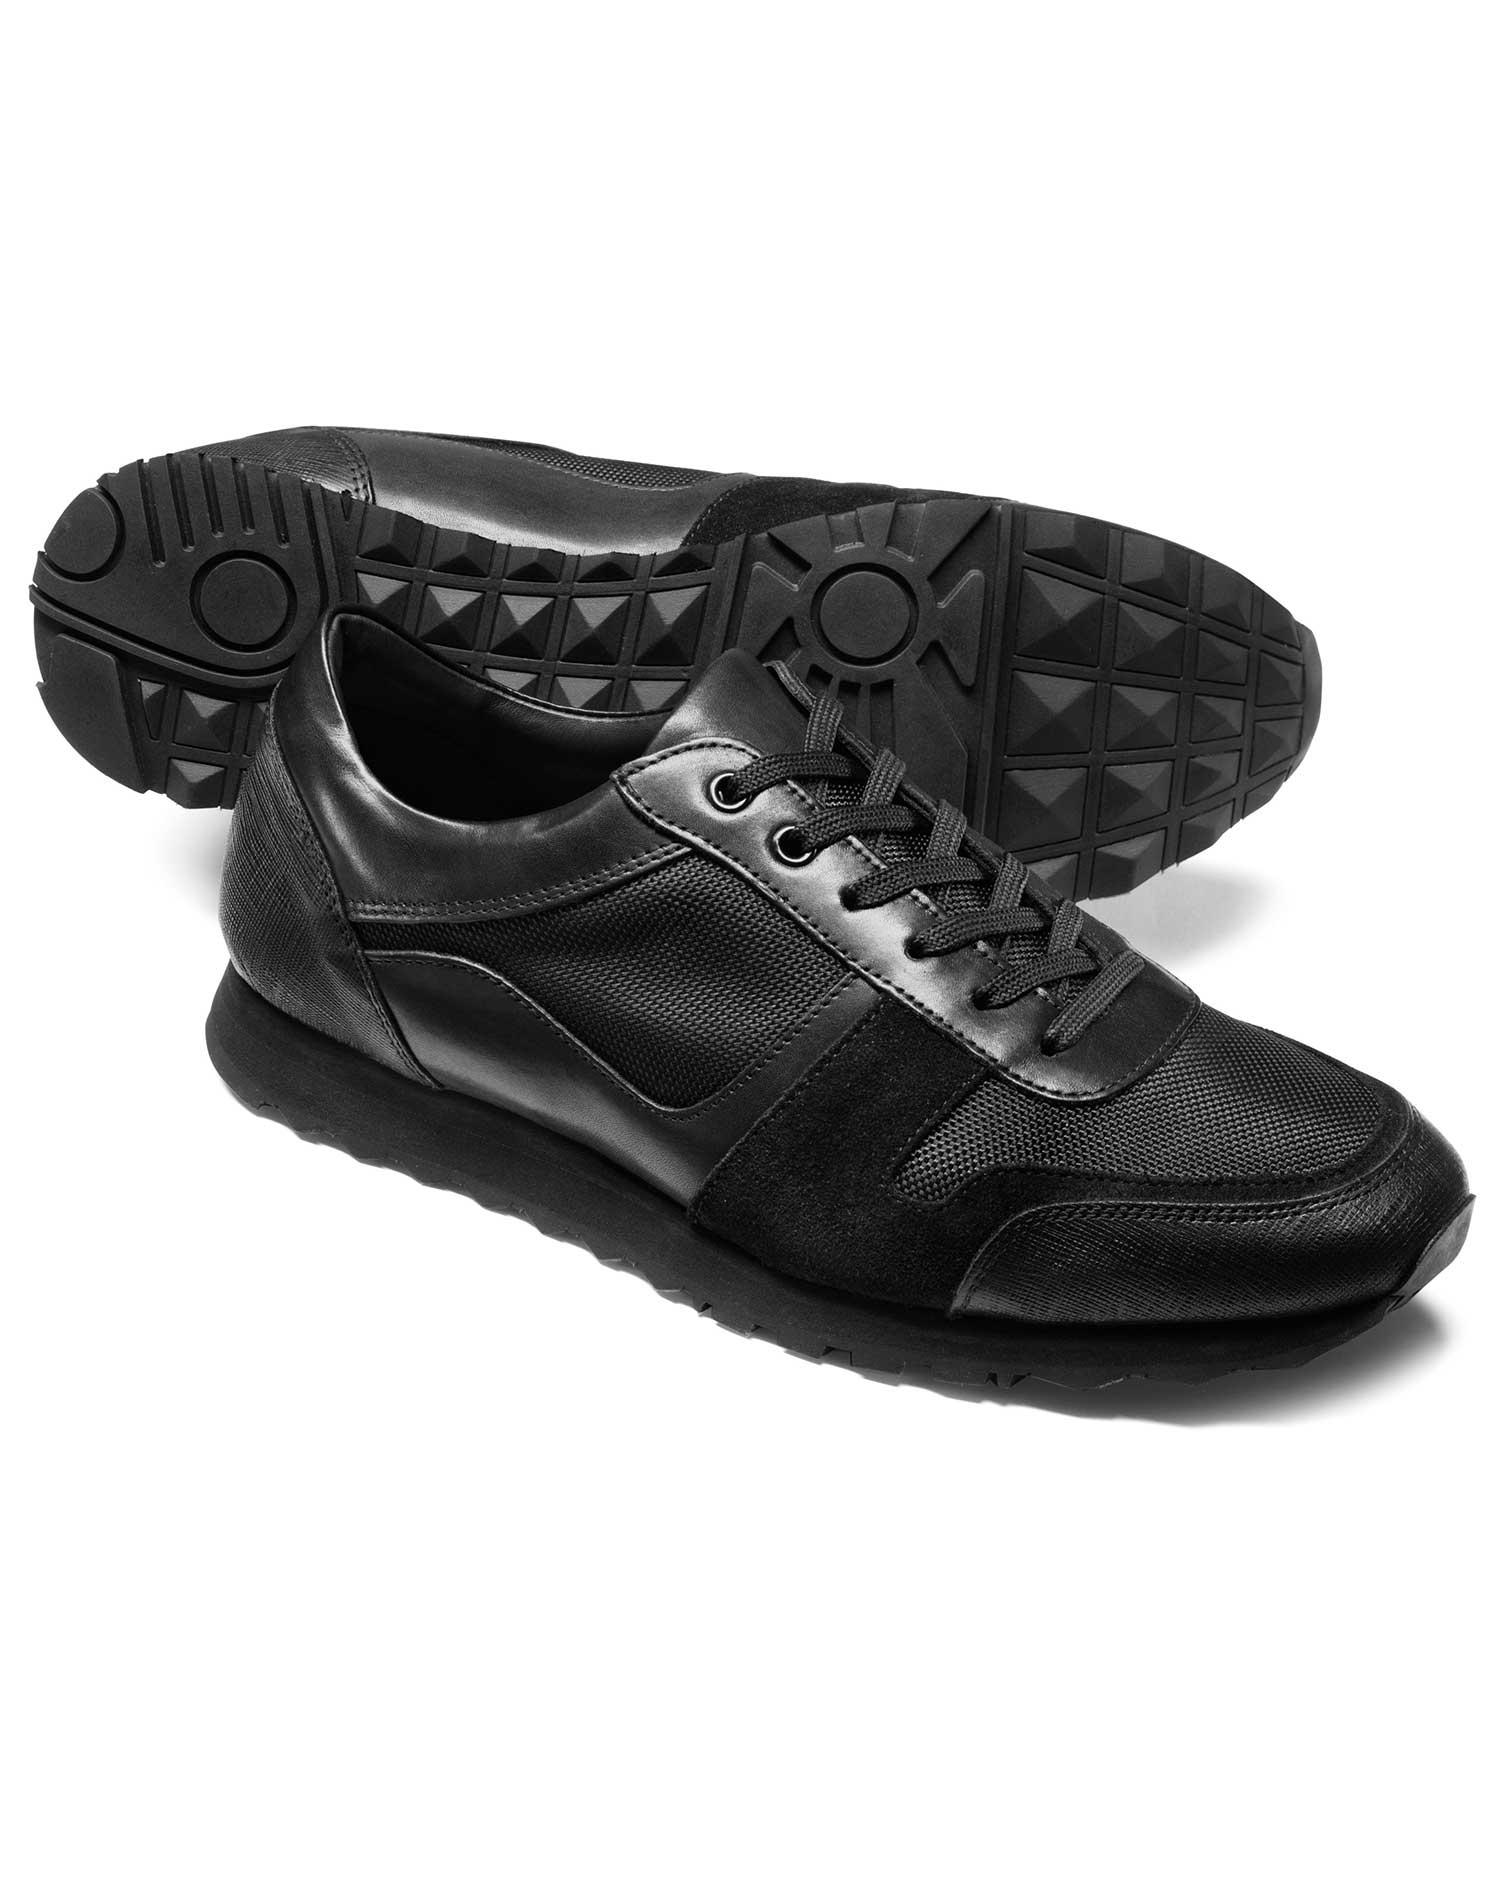 Black Sneaker Size 12 R by Charles Tyrwhitt